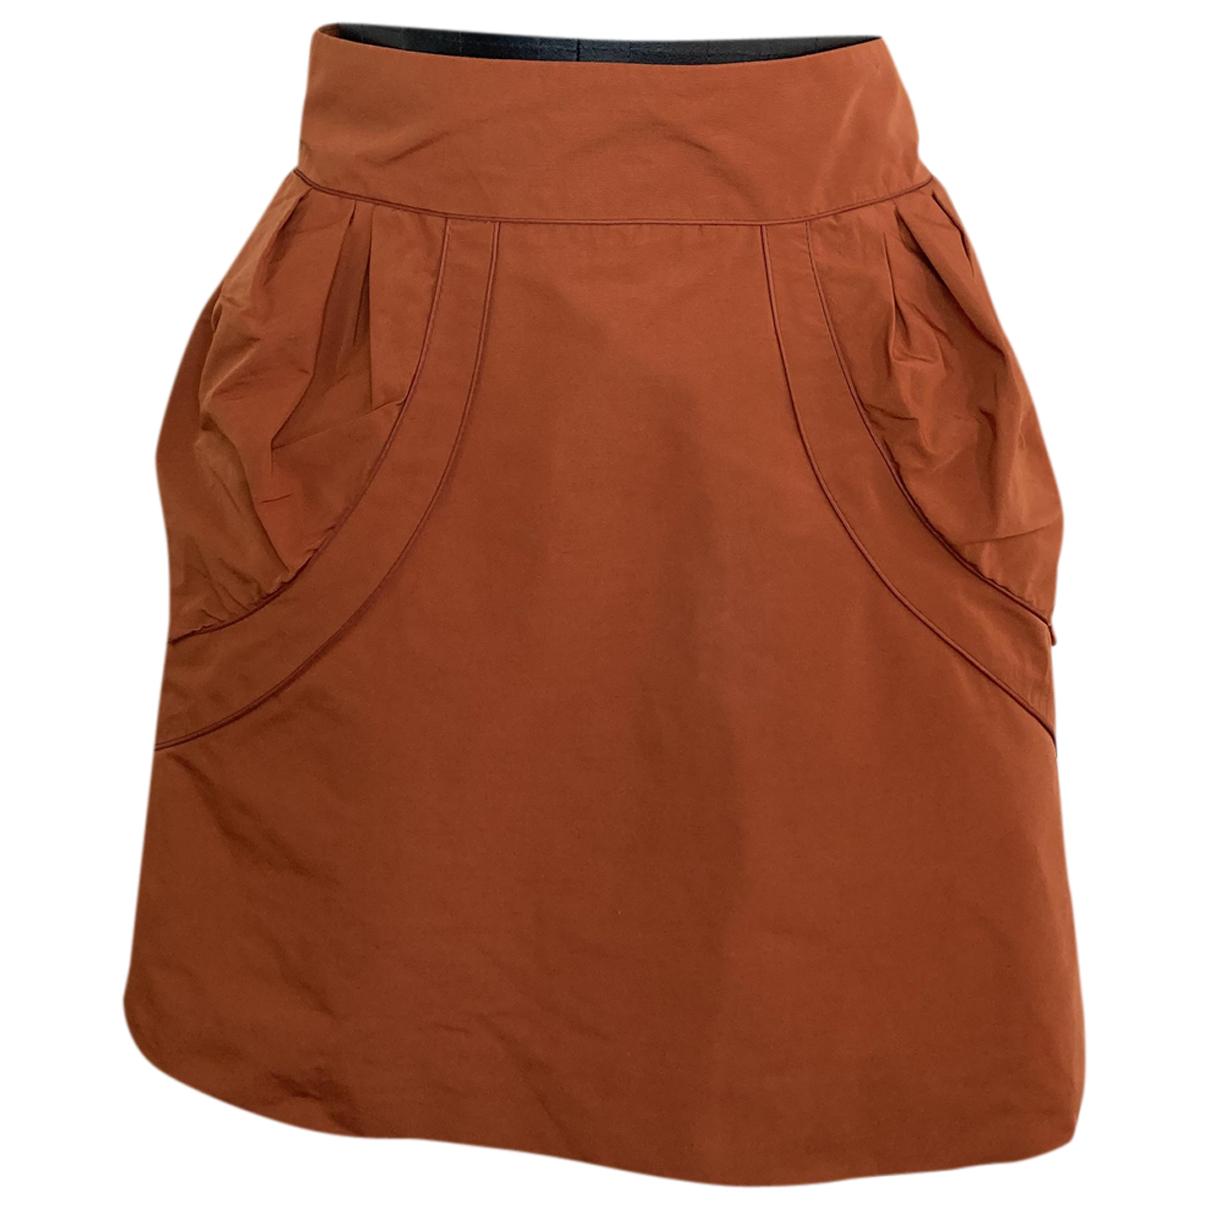 Louis Vuitton \N Orange skirt for Women 38 FR